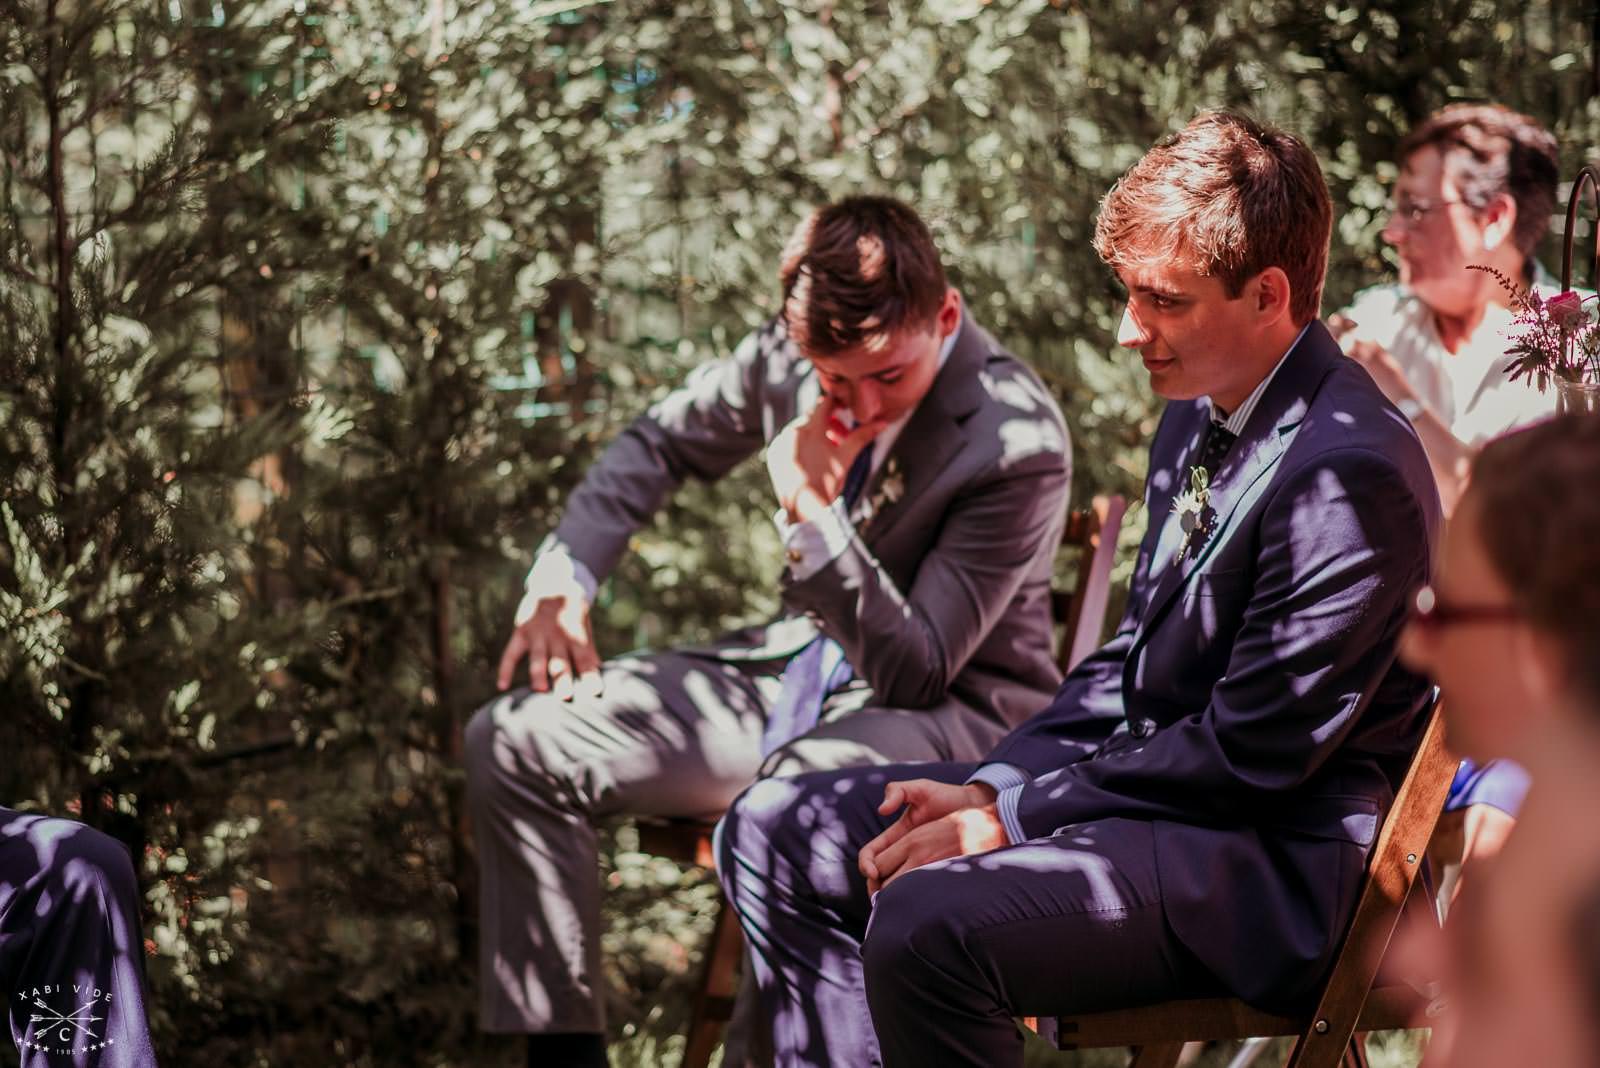 fotografo de bodas en bilbao-87